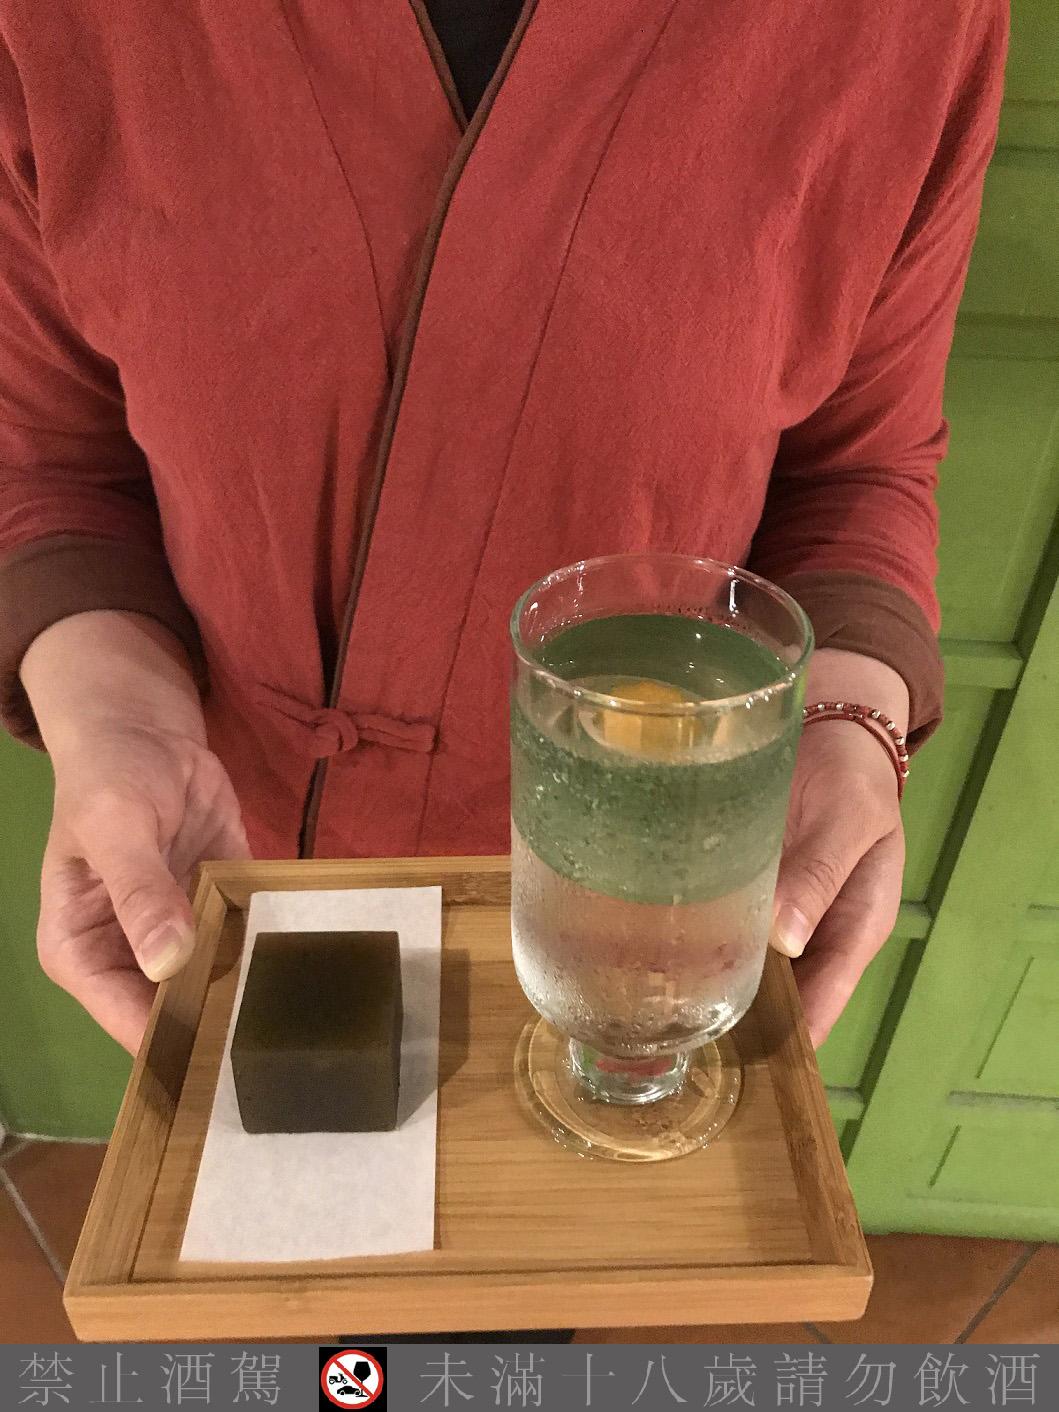 4/15第三屆Gin & Tonic Day就在台北大稻埕